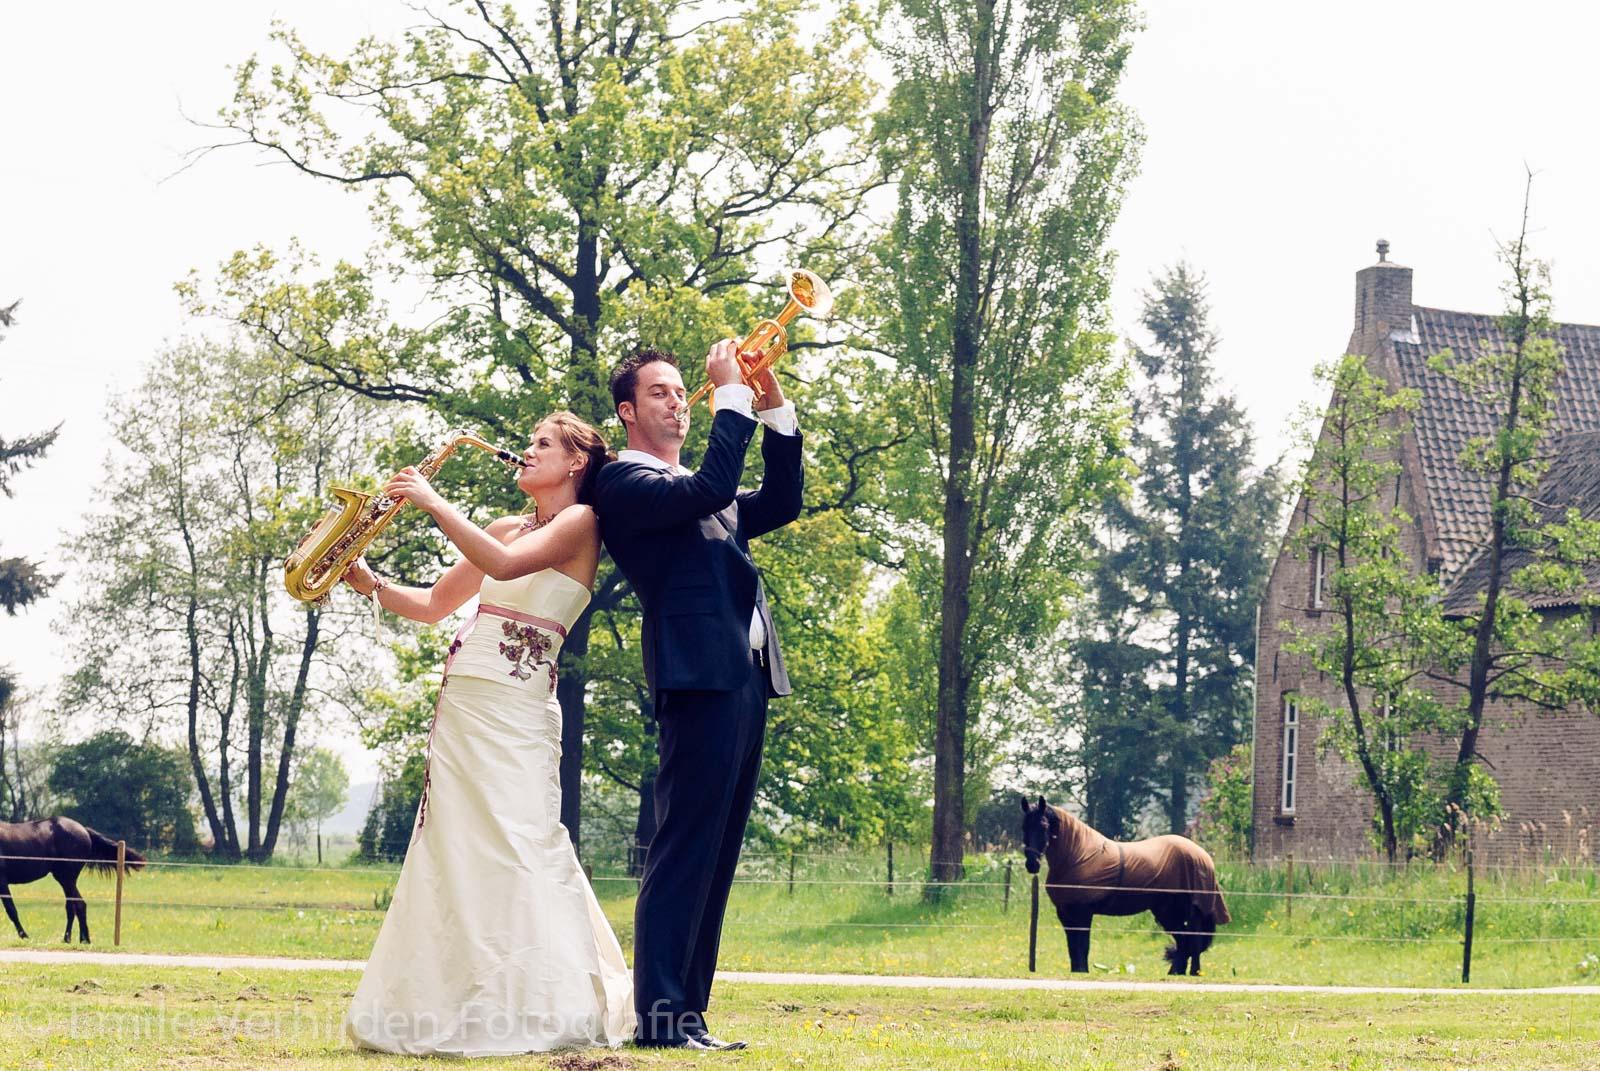 Bruidsfotograaf Limburg - Met muziekinstrumenten in de wei